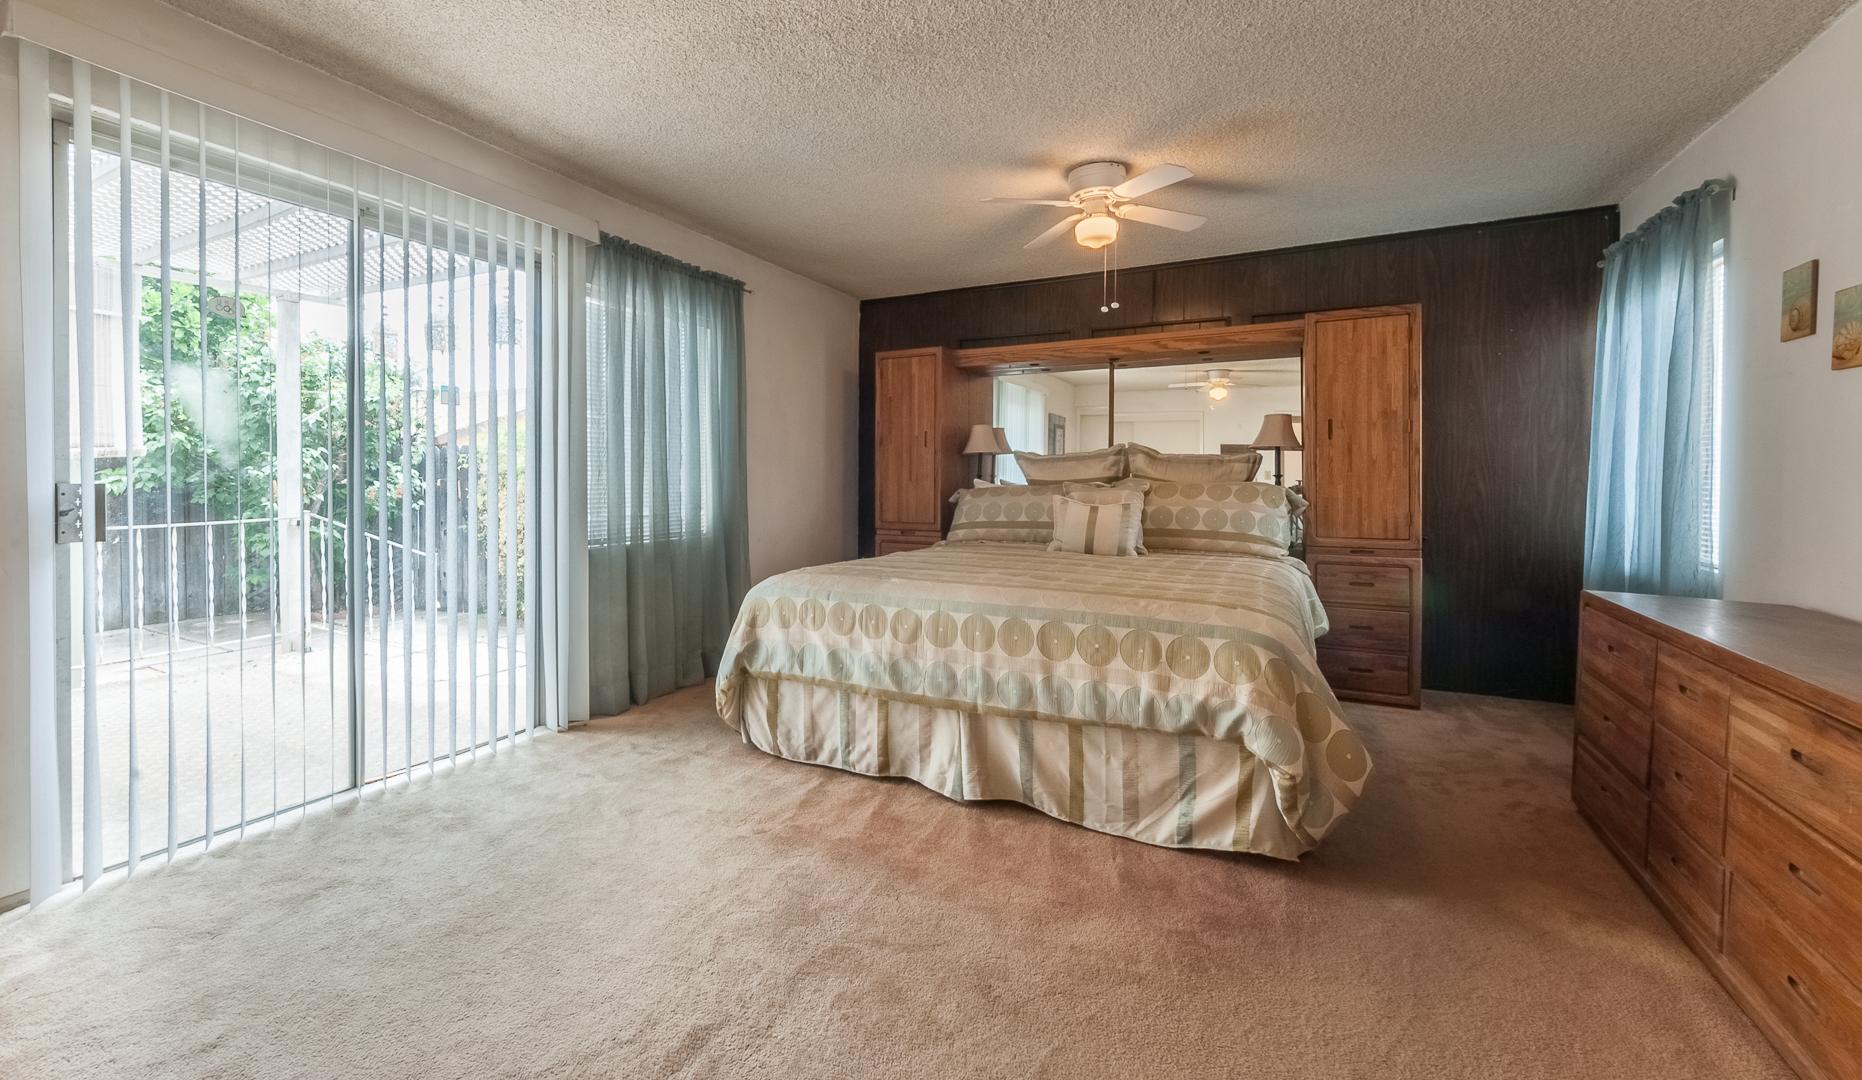 12-Bedroom with patio doors